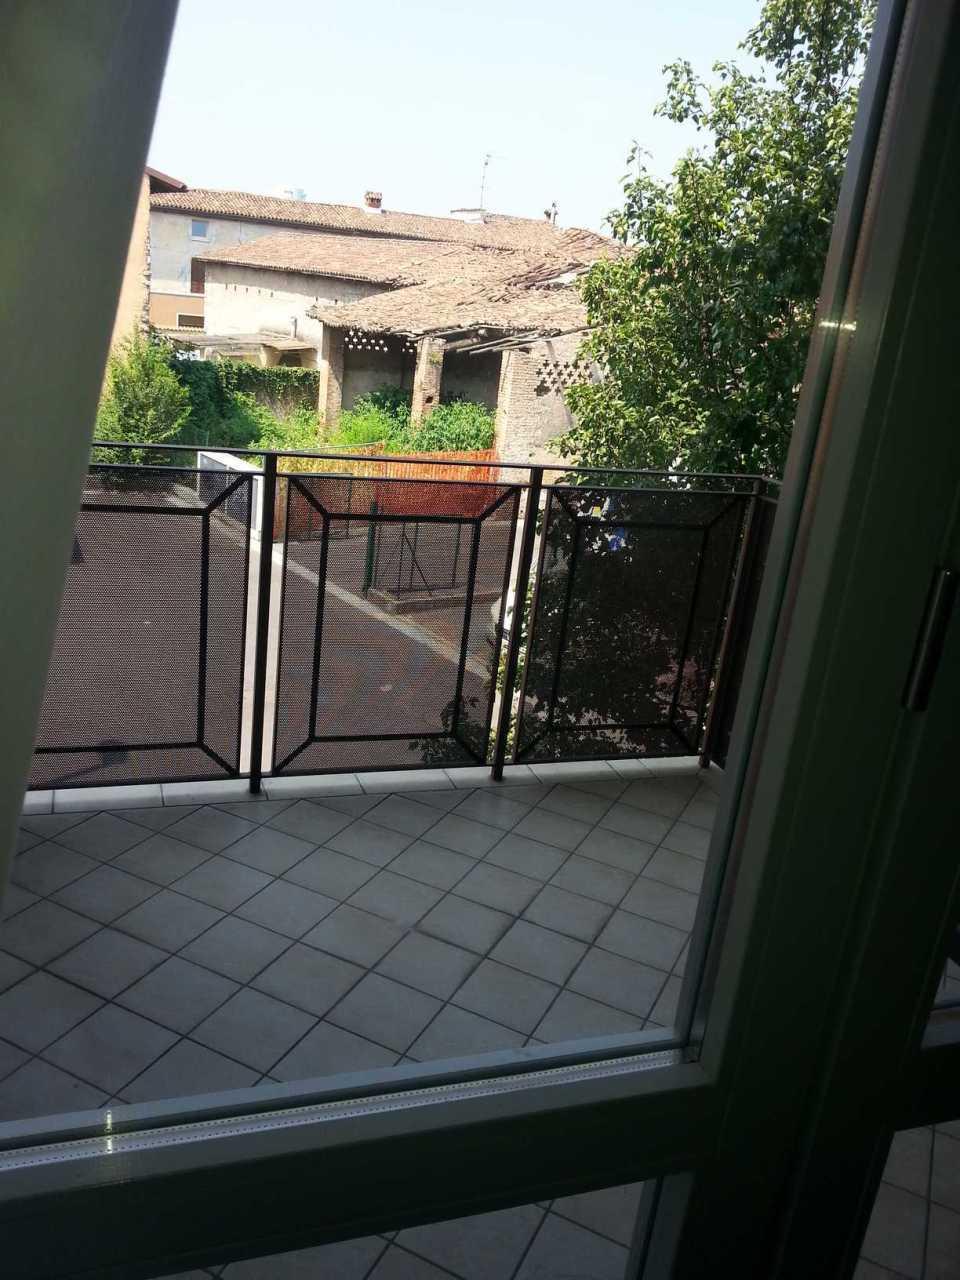 Bilocale Borgosatollo Via Giordano Bruno 15 3